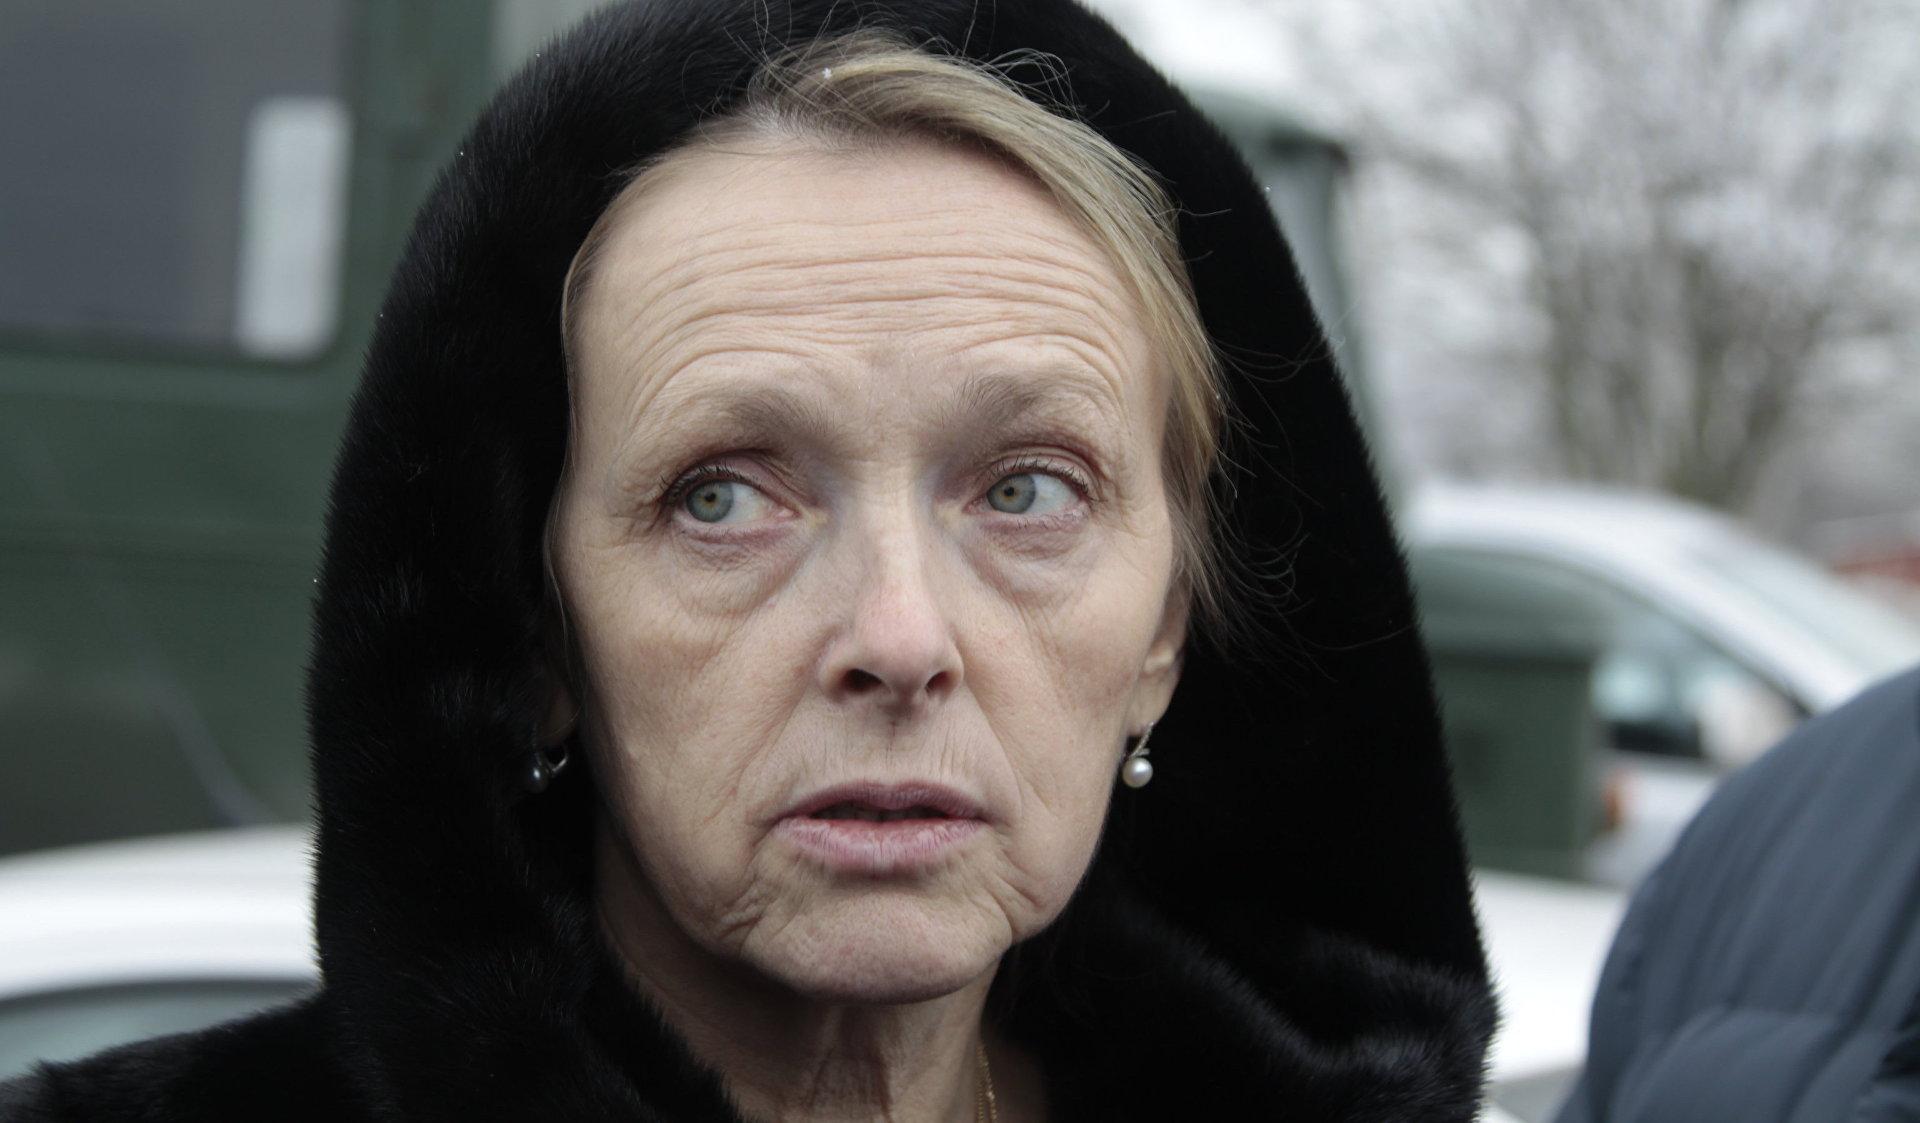 """Киев отказался от формулы """"все на всех"""" - Ольга Кобцева о причинах срыва обмена"""